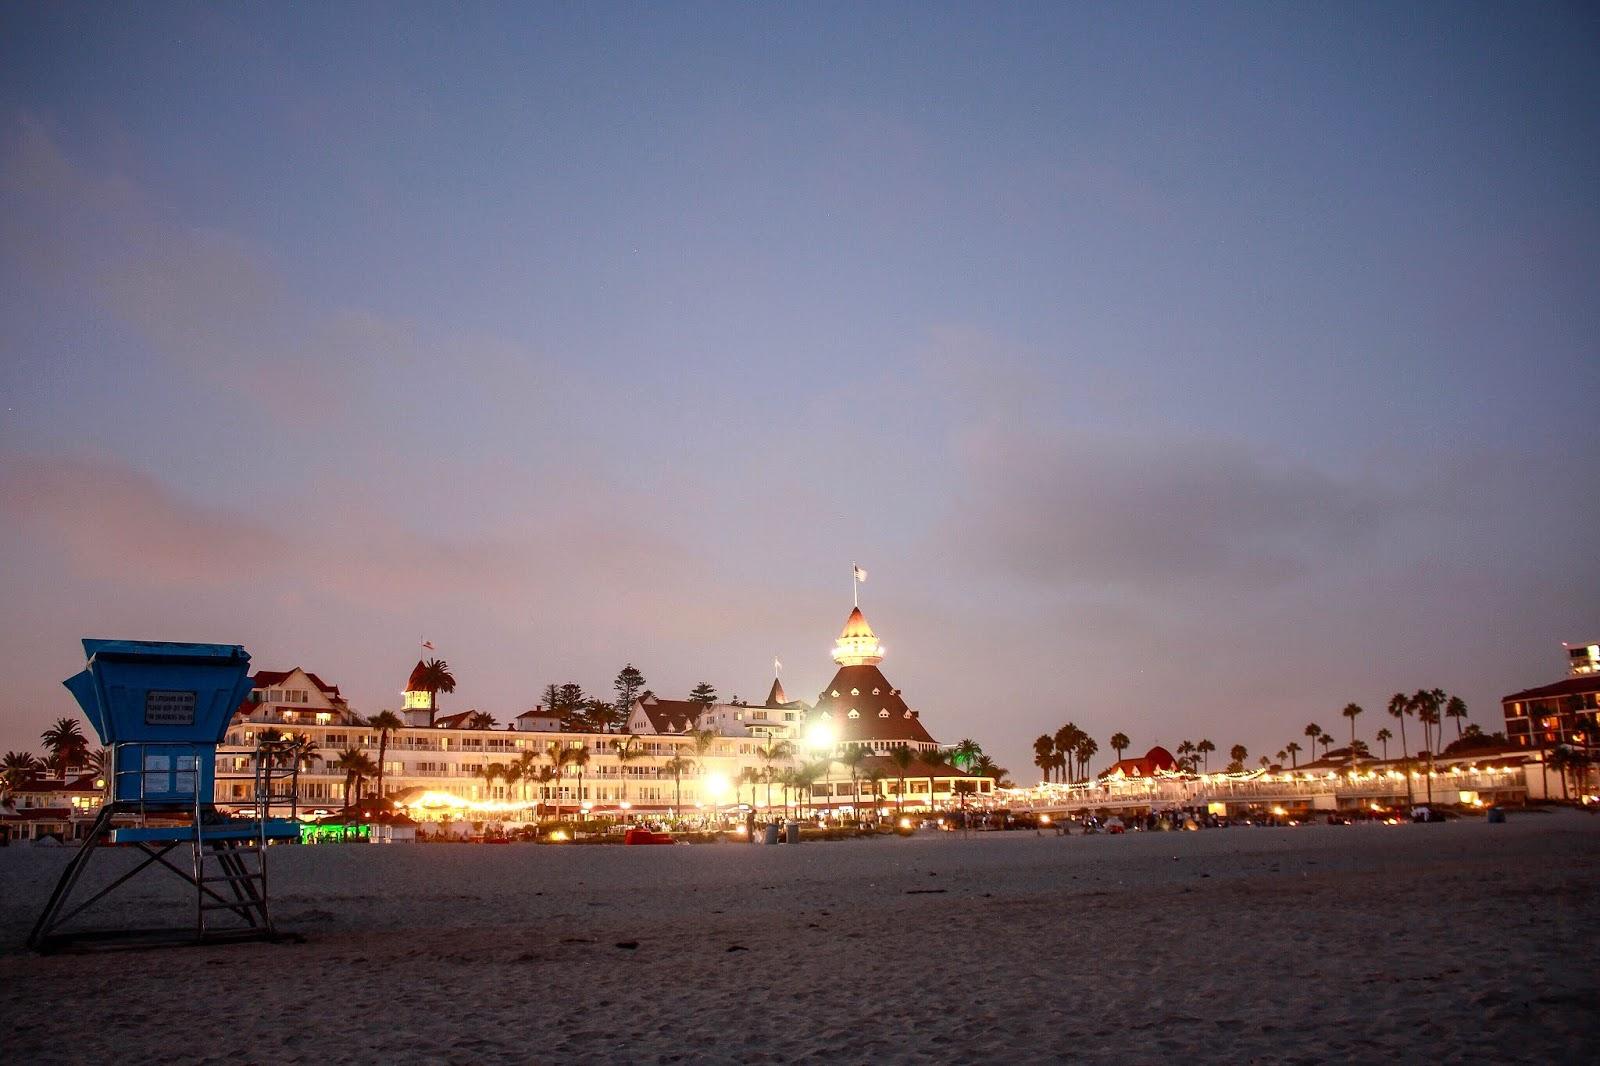 Hotel Del Coronado, San Diego, California, August 2018